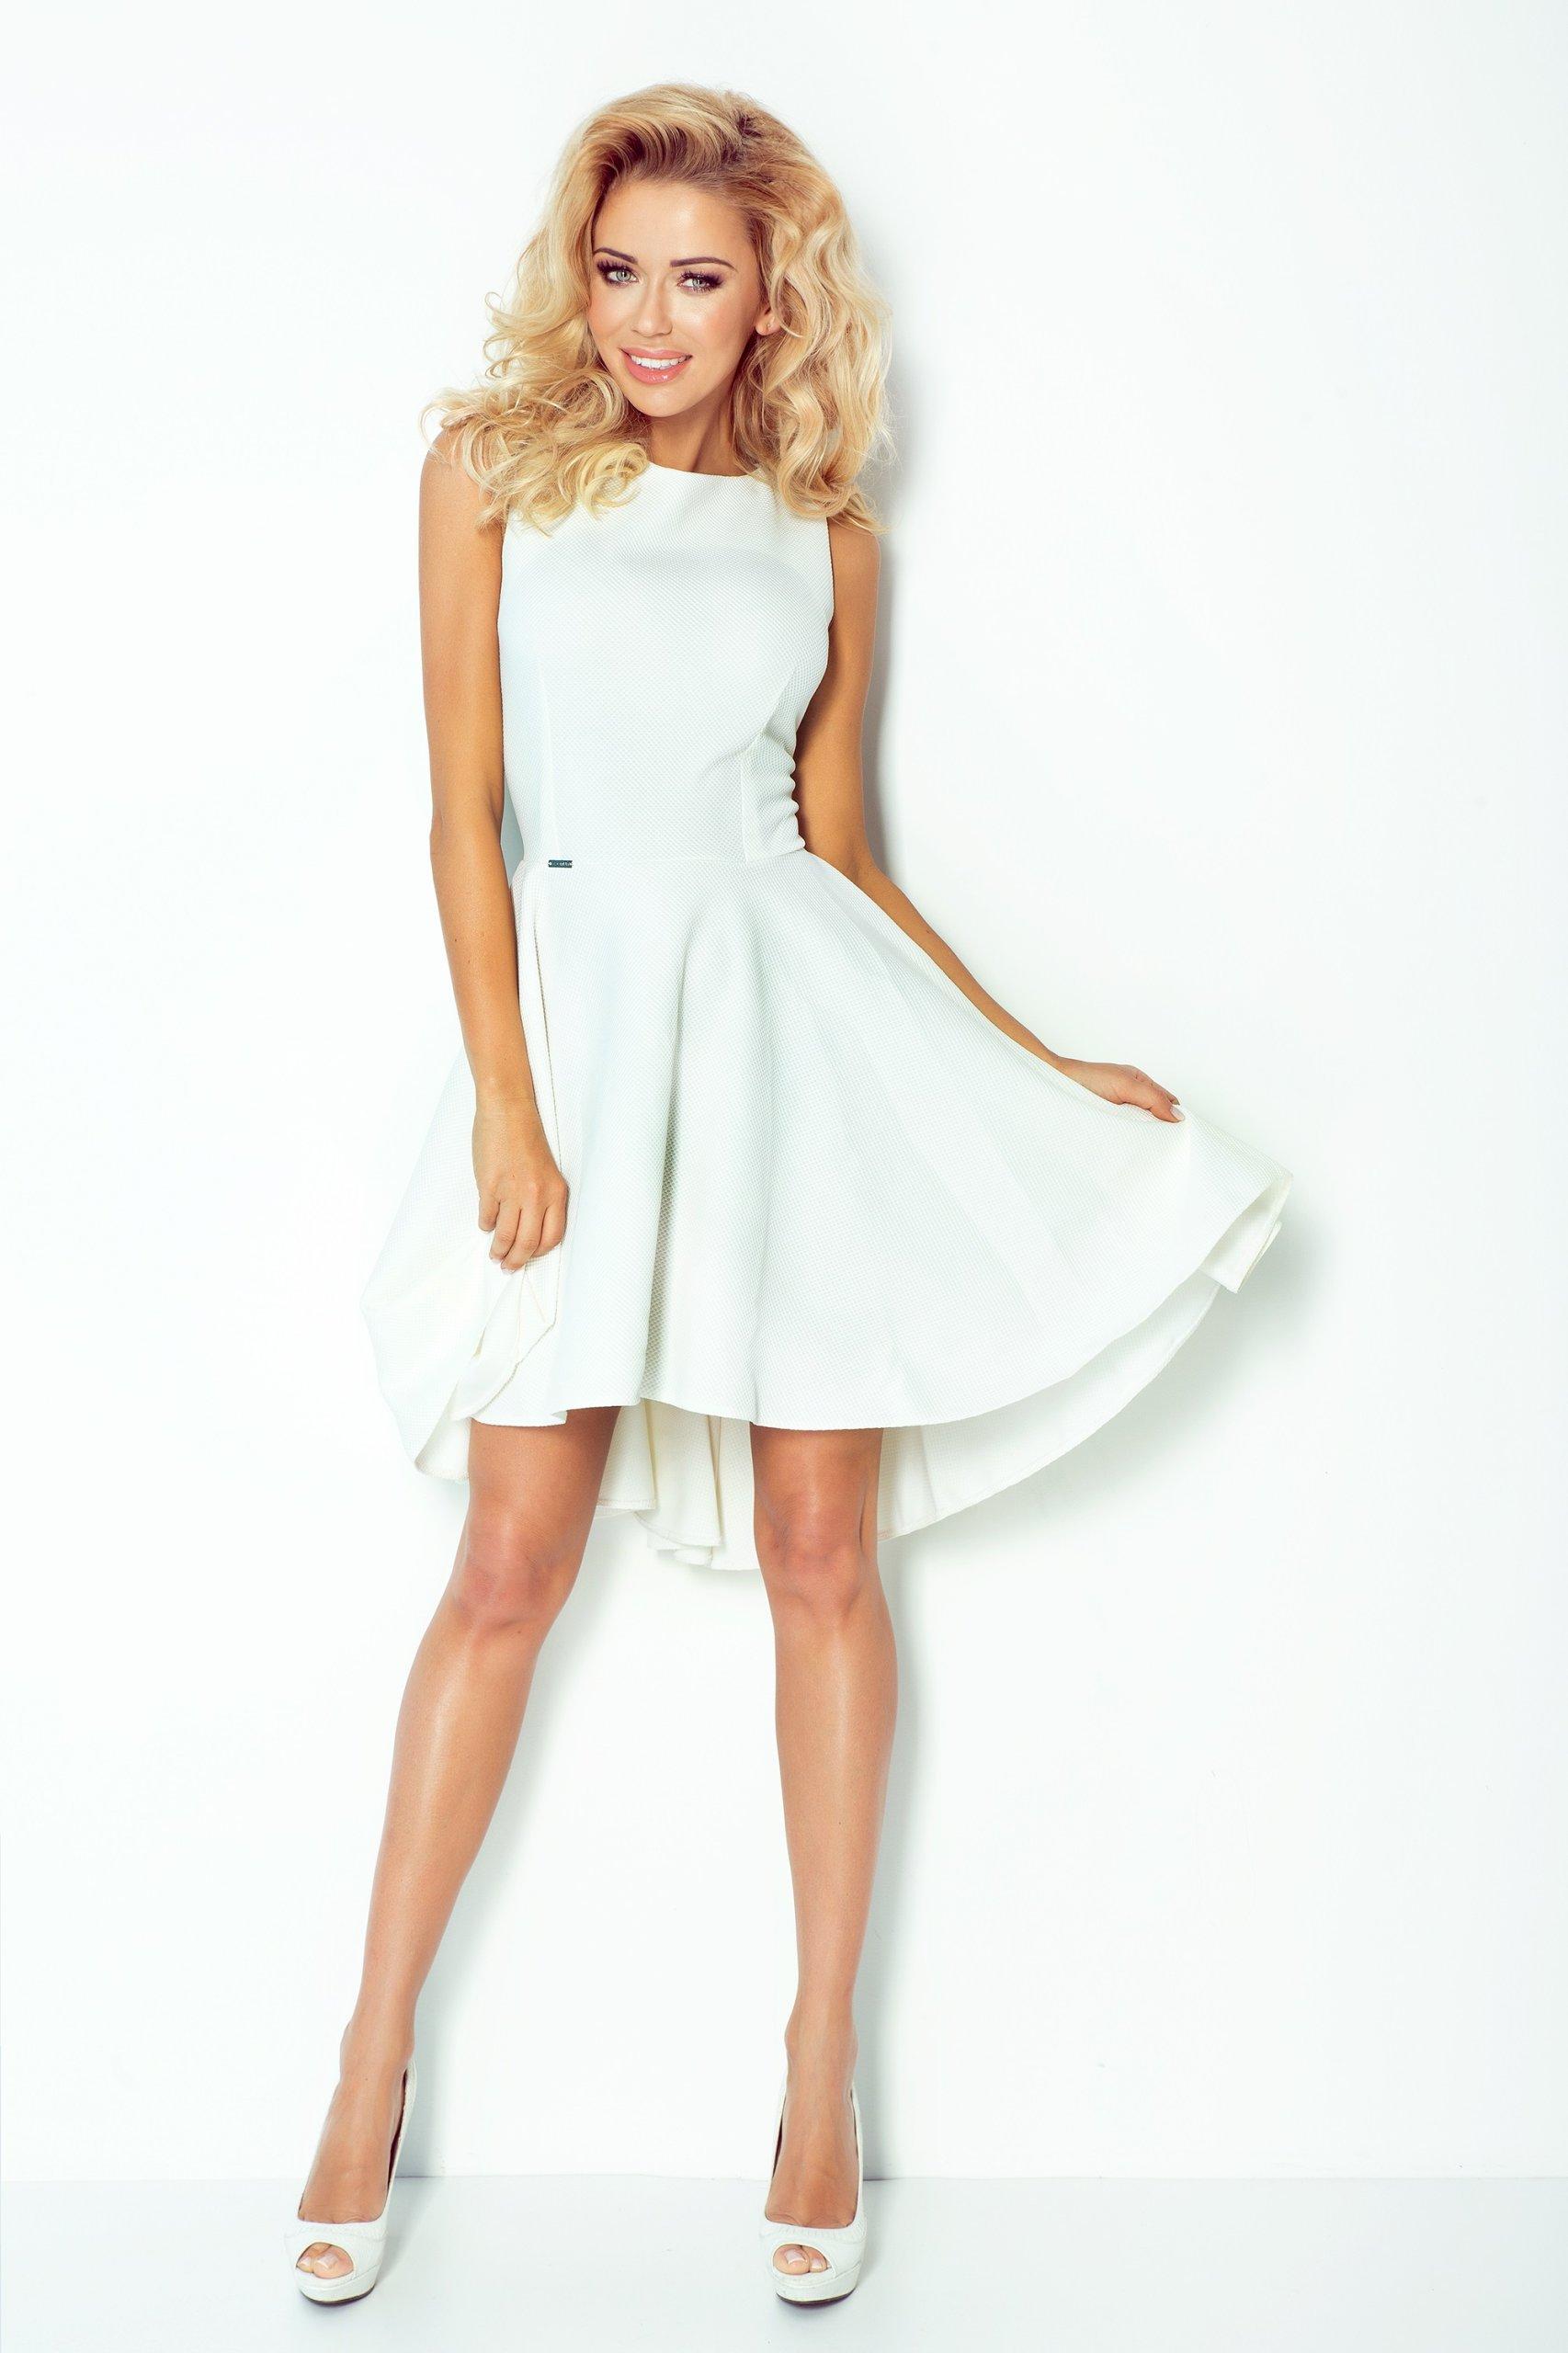 323fadf941 ASYMETRYCZNA Sukienka MIDI NA WESELE 66-7 M 38 - 7343553072 ...